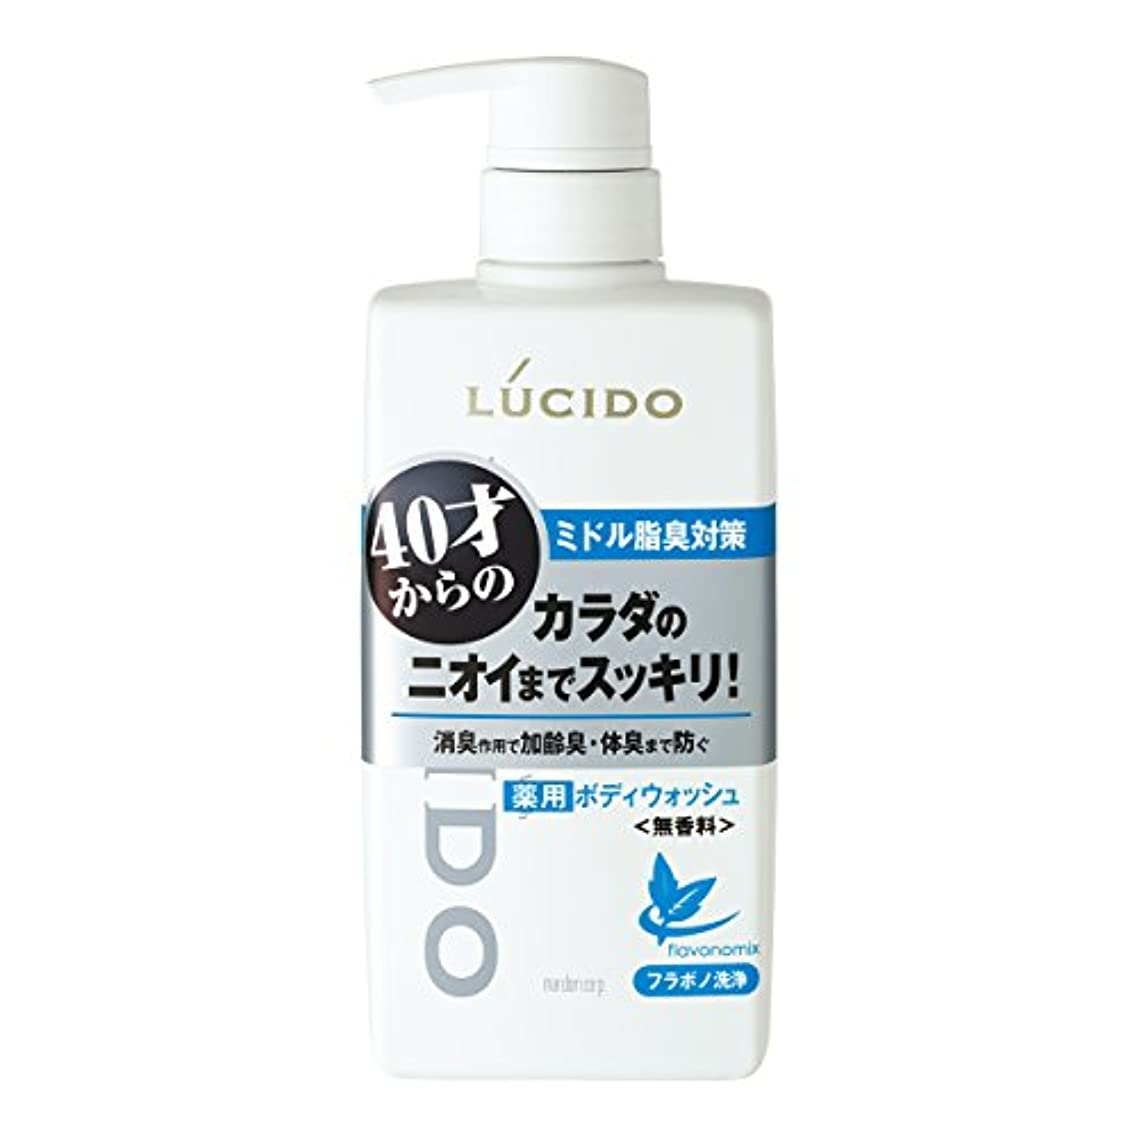 のホスト日微妙ルシード 薬用デオドラントボディウォッシュ 450mL (医薬部外品)